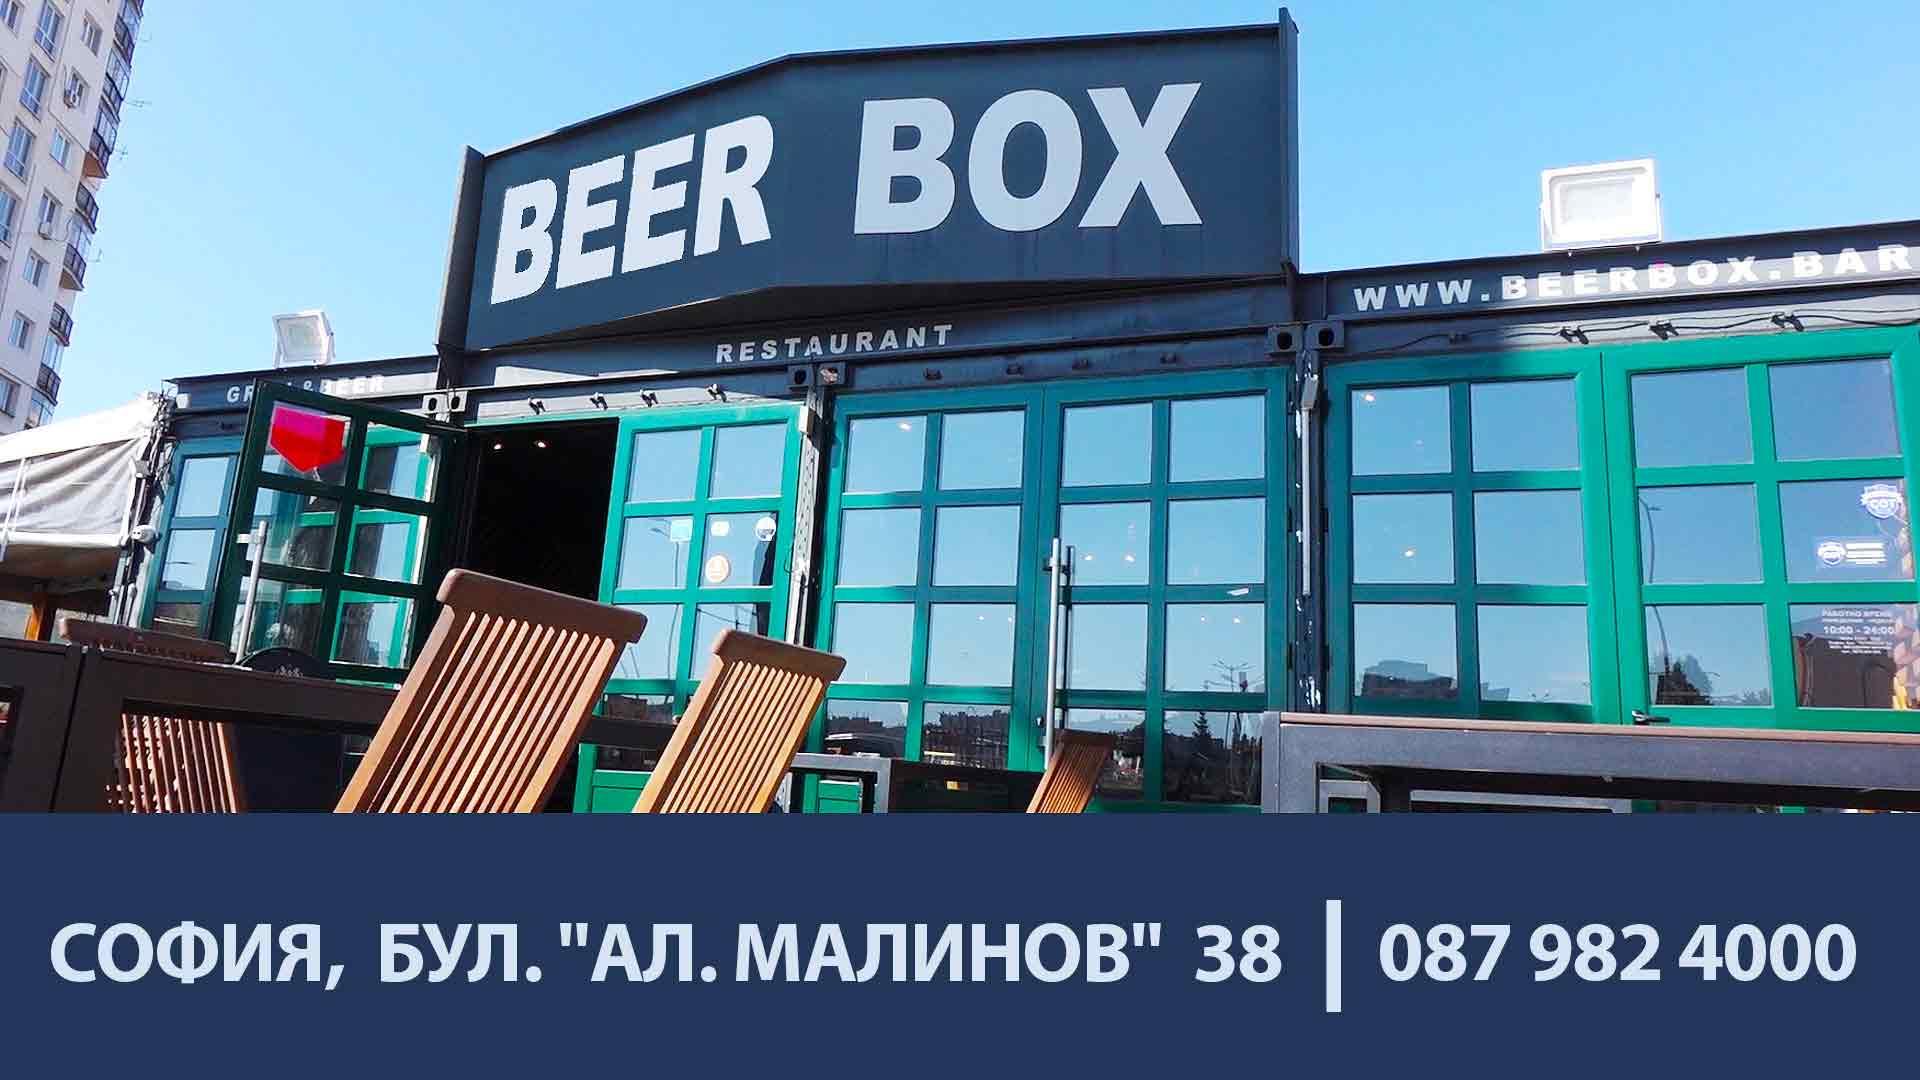 Човека и... бирата в BeerBox